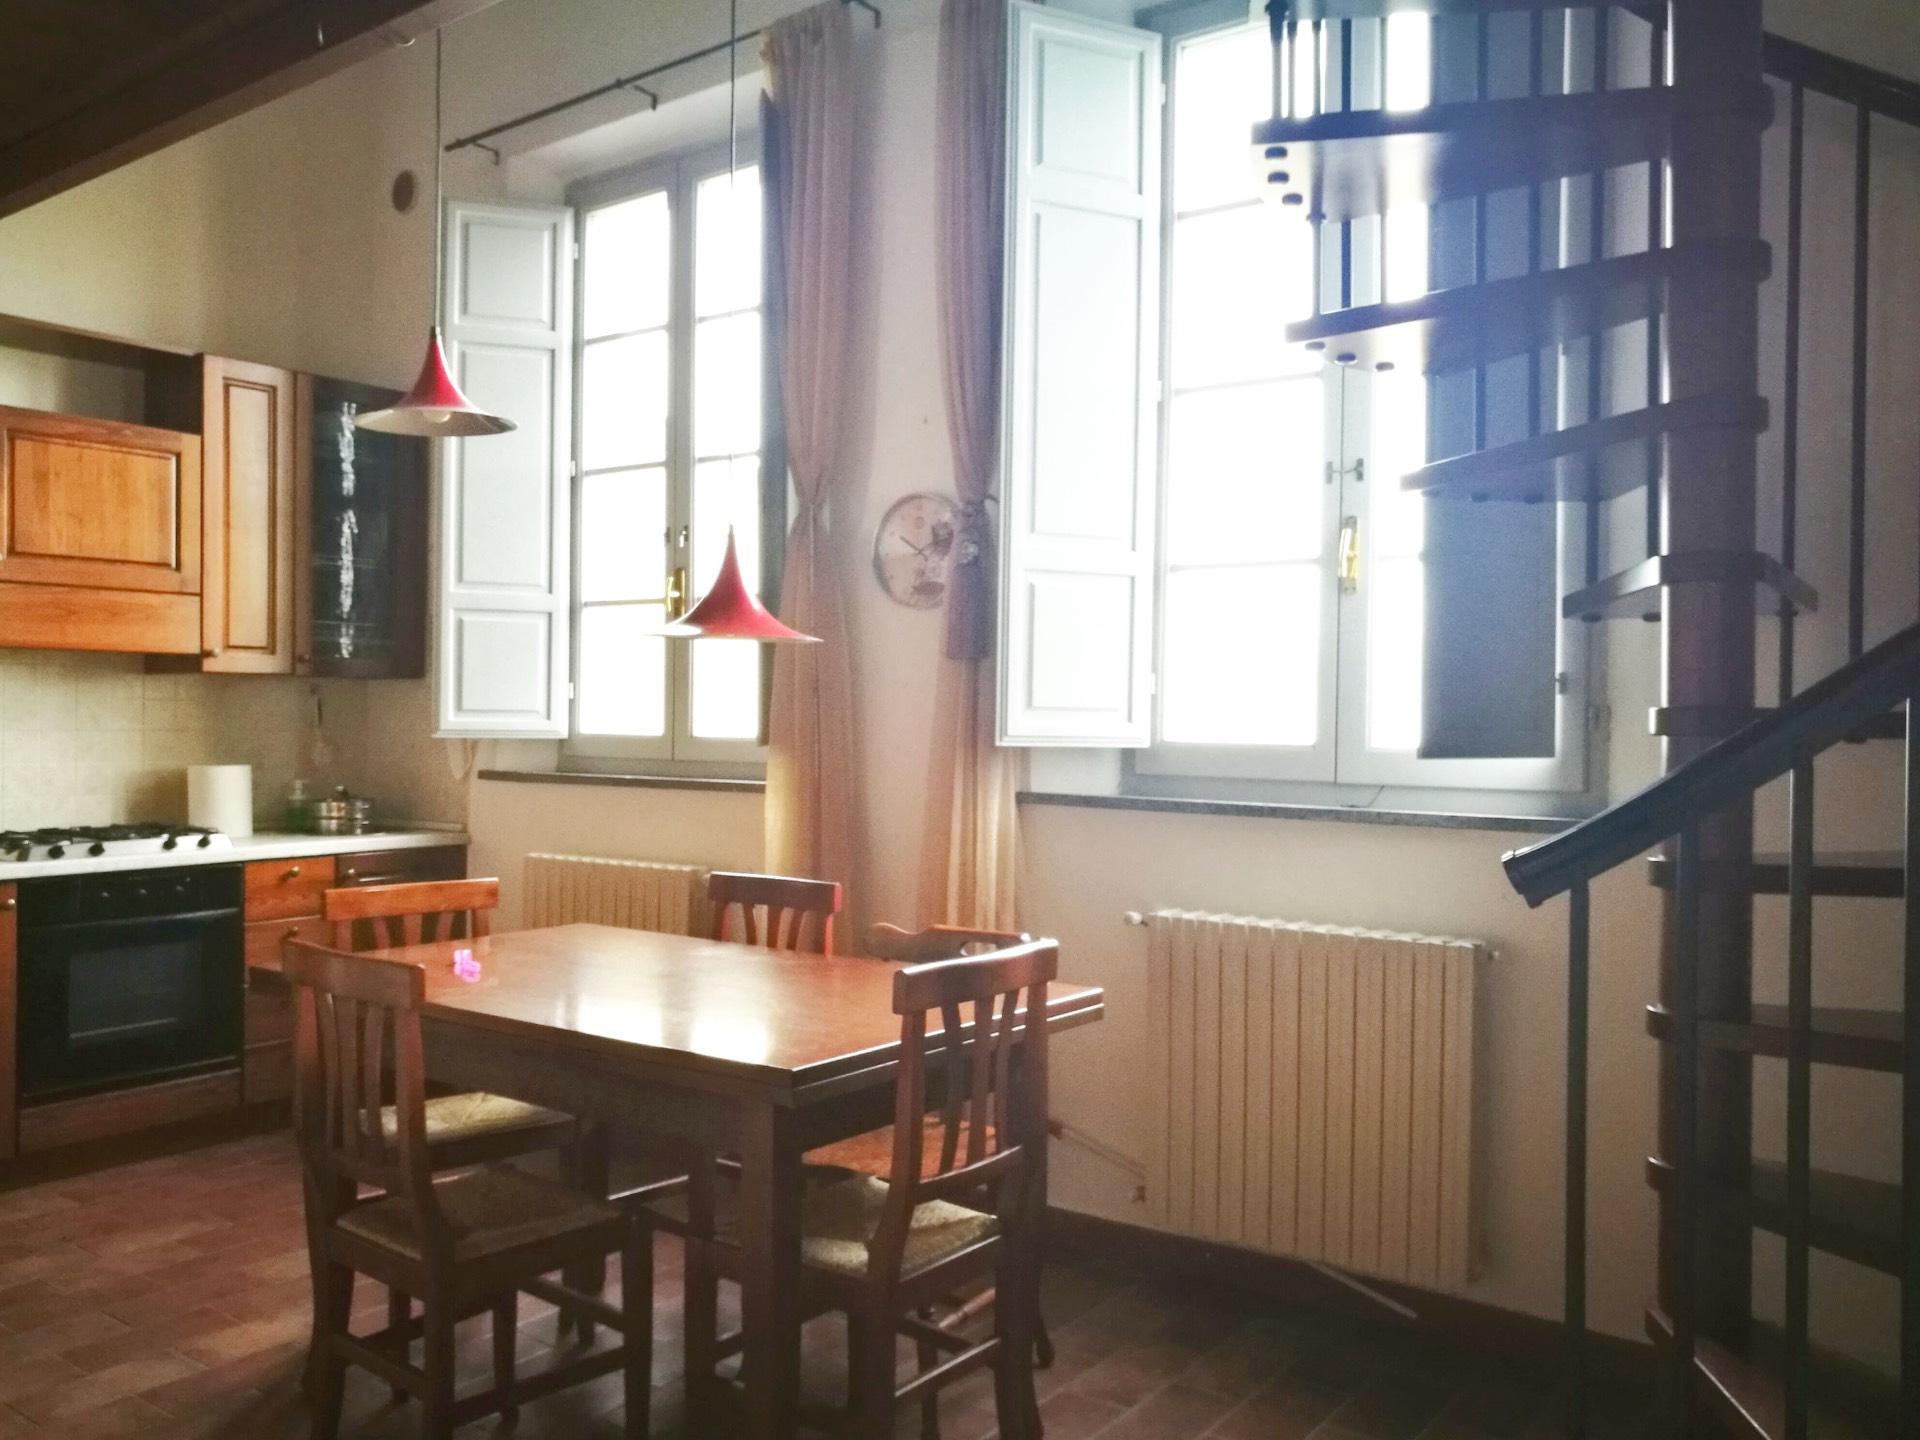 Appartamento in affitto a Pontedera, 2 locali, zona Zona: Treggiaia, prezzo € 400   CambioCasa.it